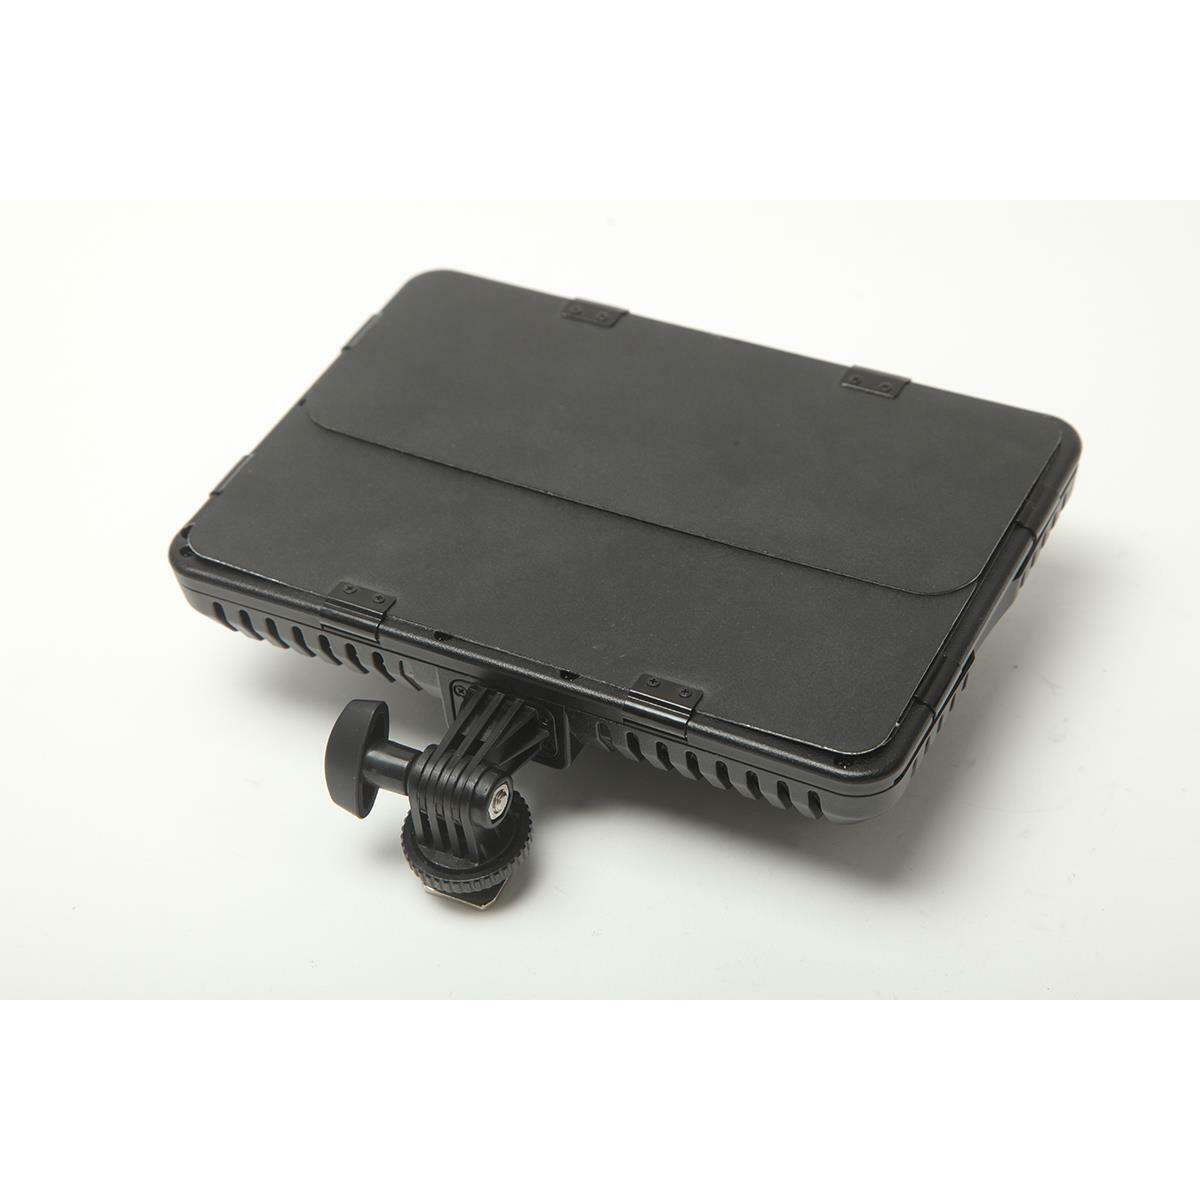 Sunpak LED 330 Video Light, Black (VL-LED-330) - SKU#1433434